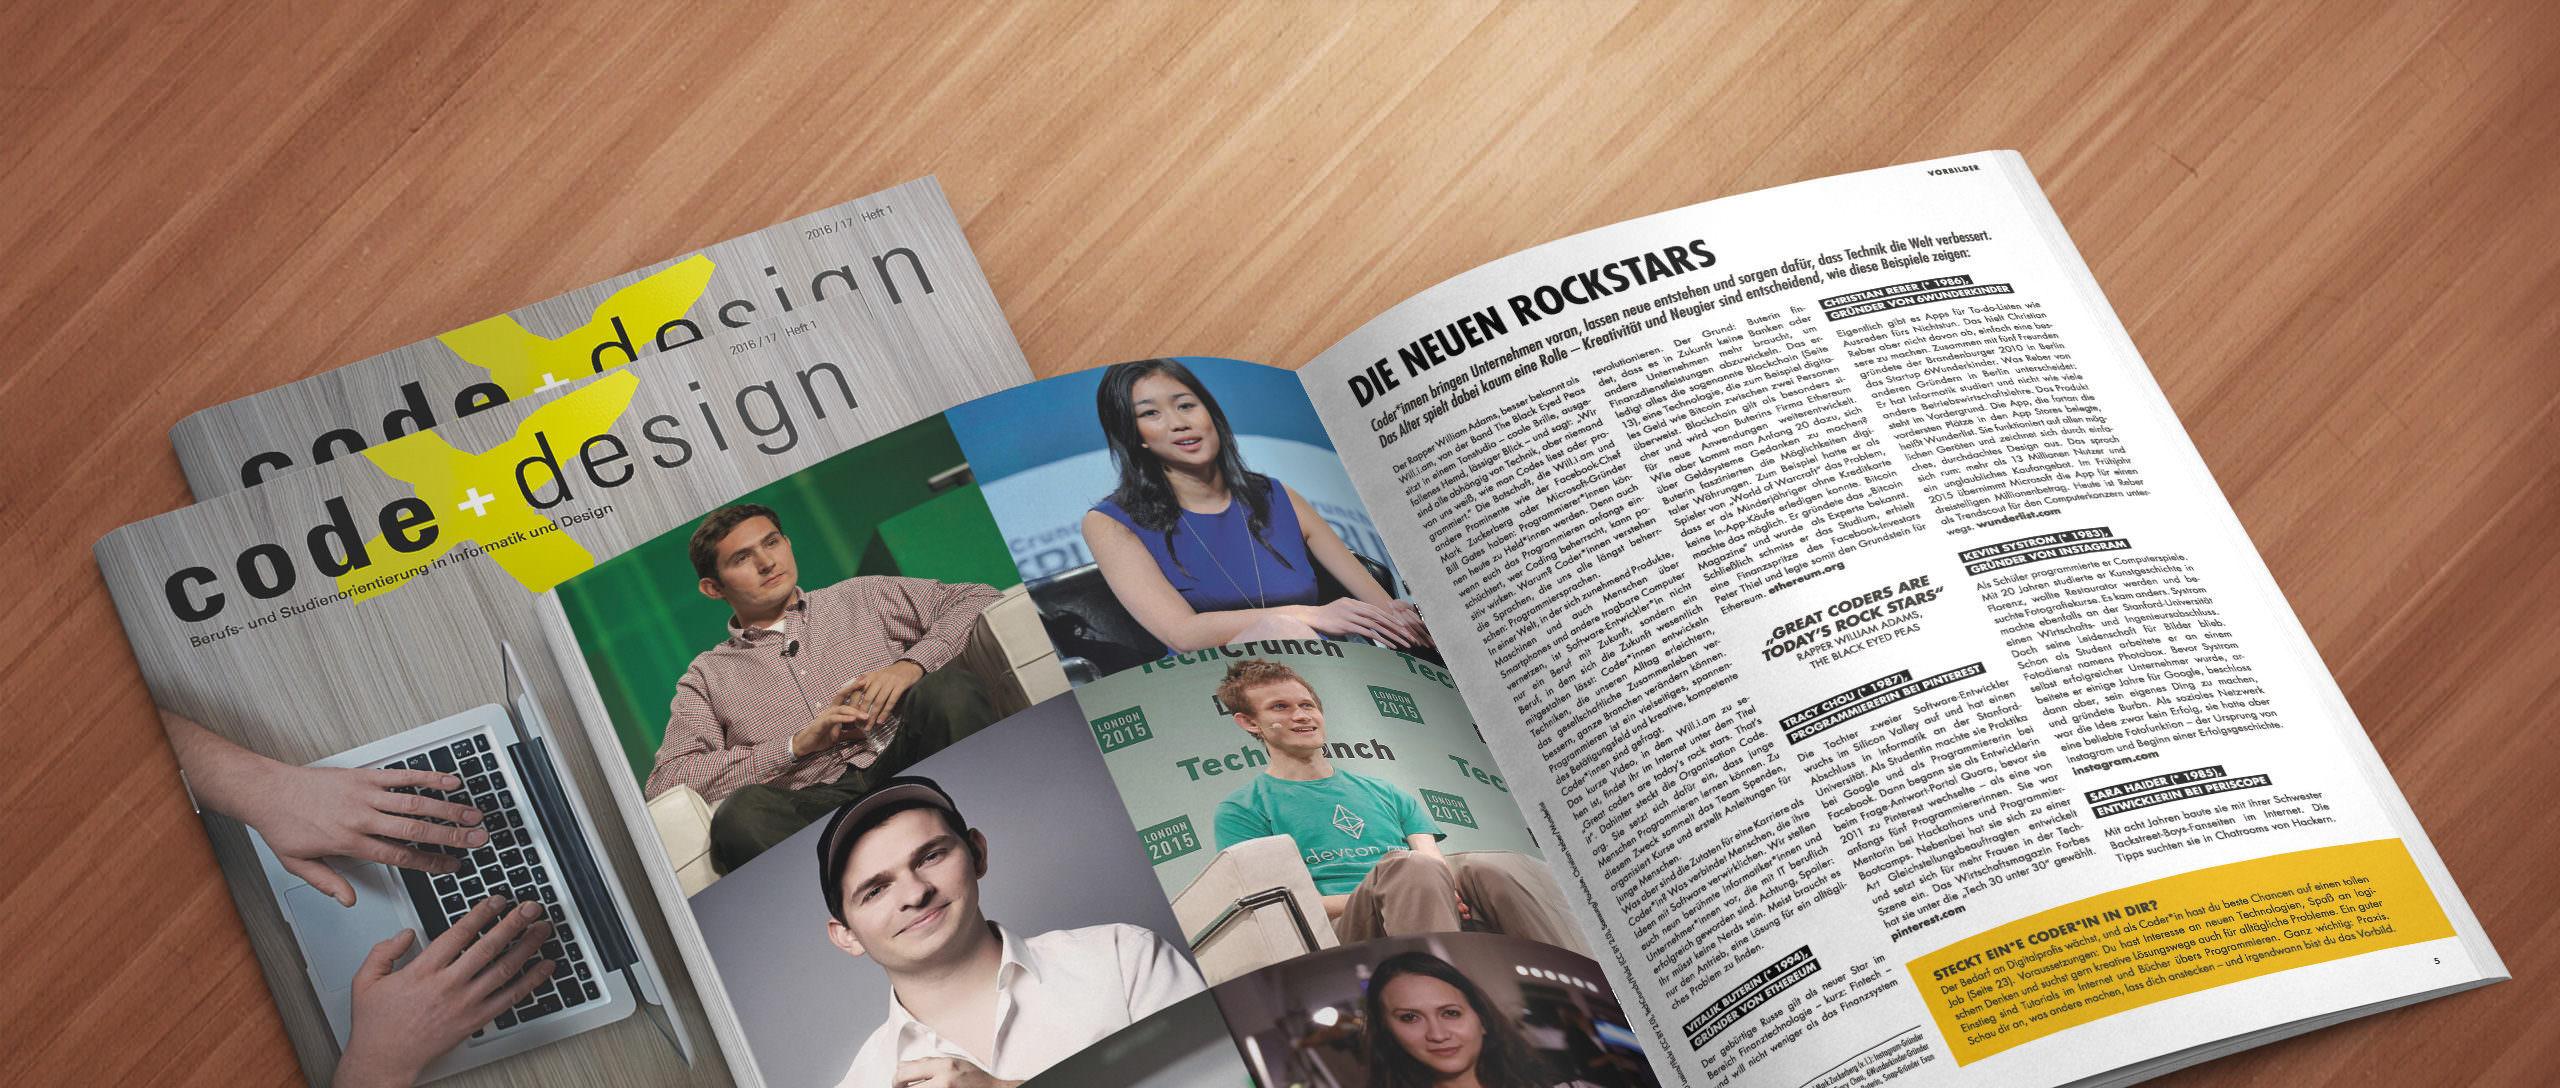 Code+Design Magazin - Berufsbilder digitale Wirtschaft - kostenlos bestellen